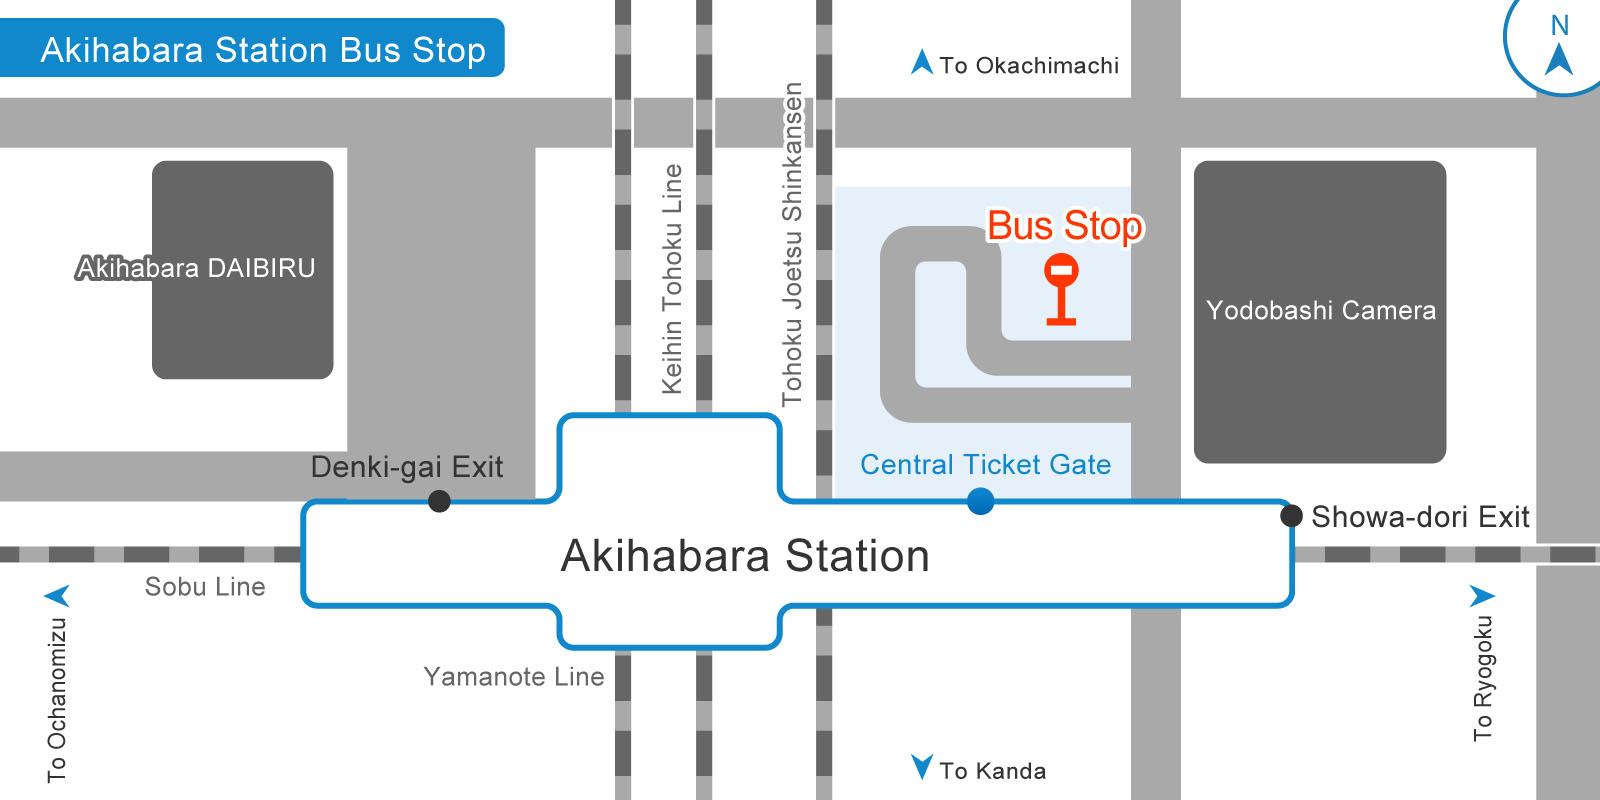 秋葉原駅バス乗り場の画像